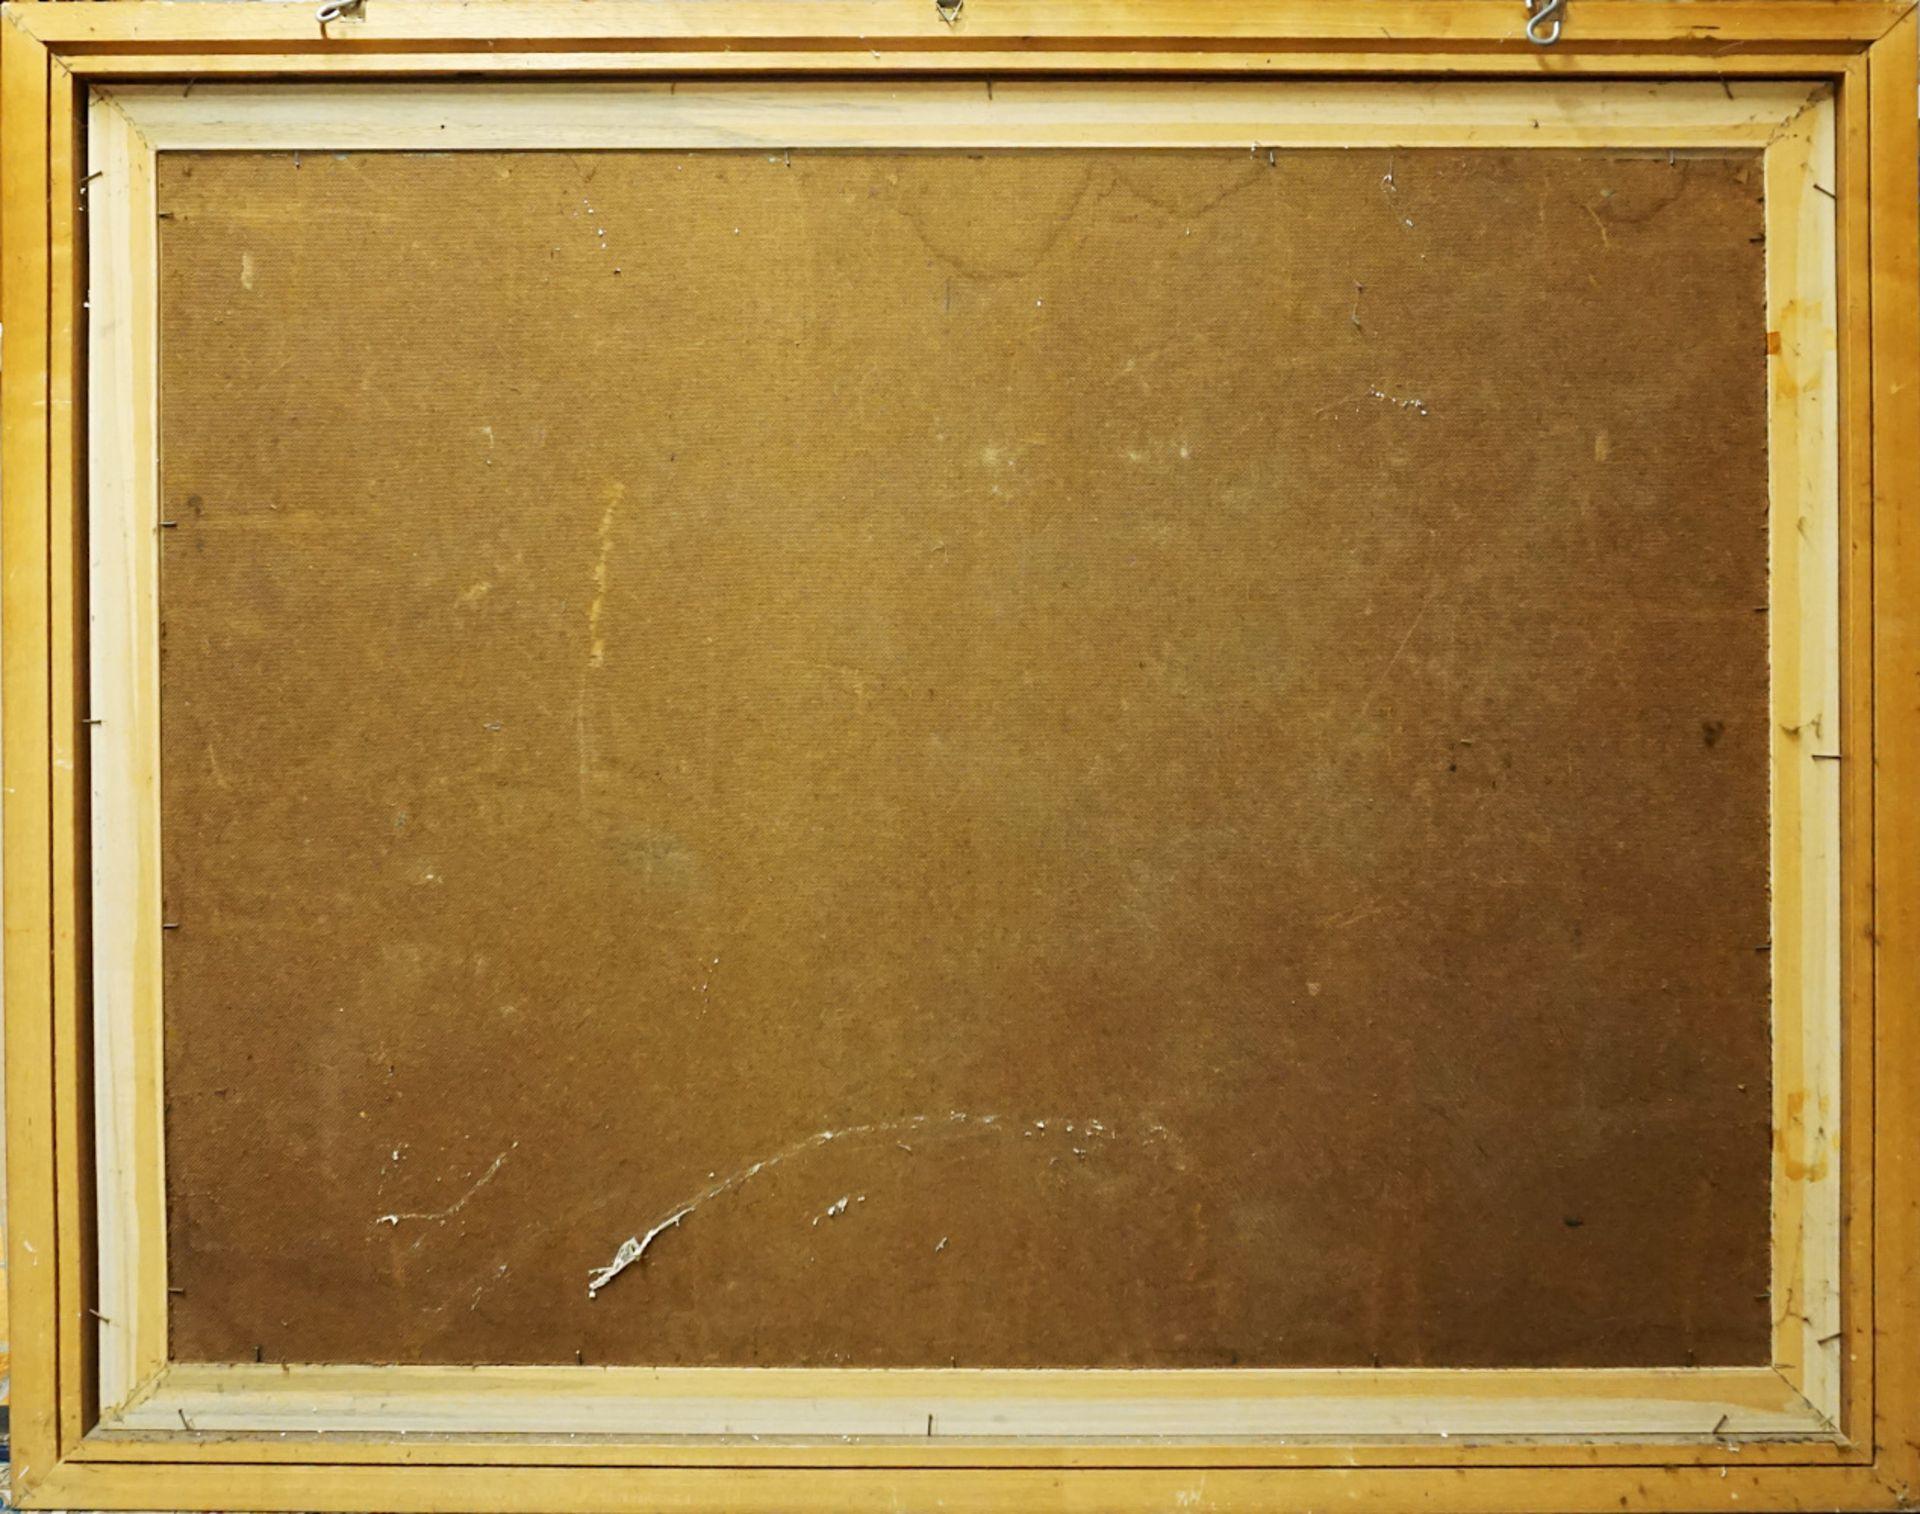 """1 Ölgemälde """"Gebirgsdorf im Schnee"""" R.u. sign. M. ROMANO (wohl Michele R. * 1925), d - Bild 3 aus 4"""